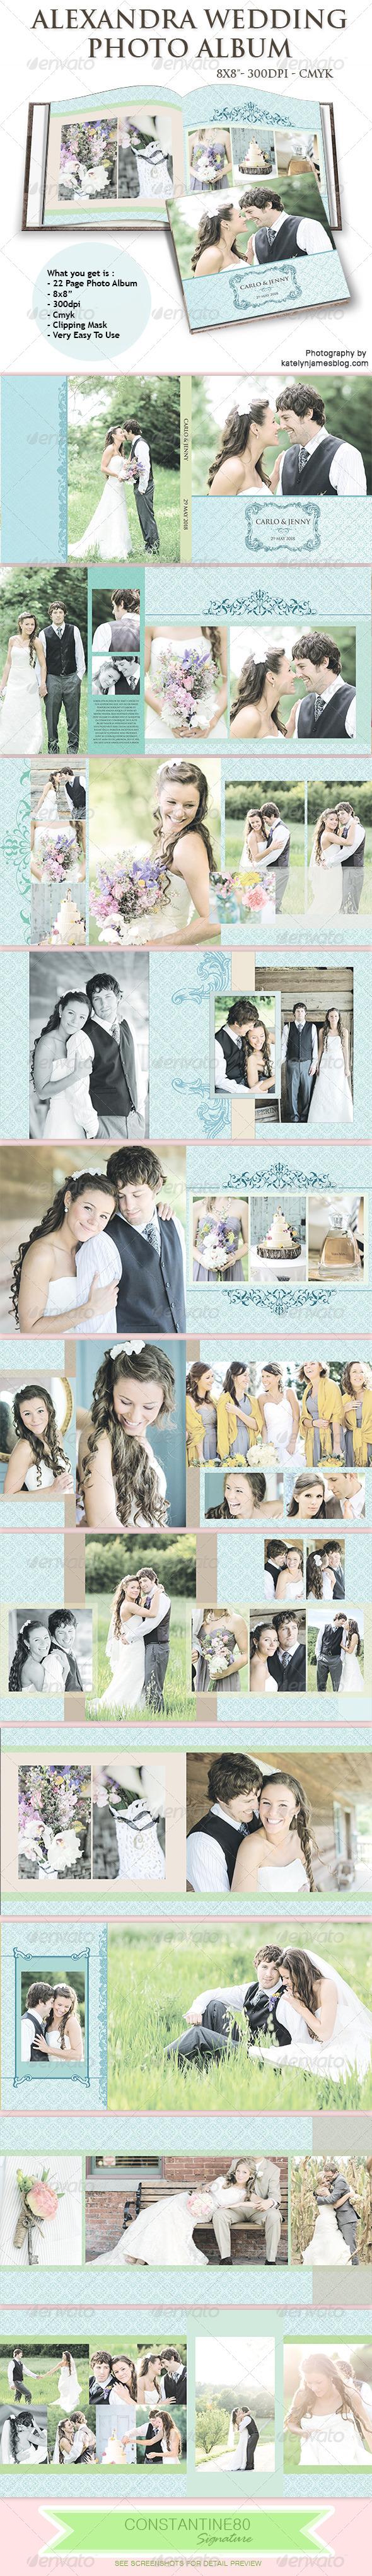 GraphicRiver Alexandra Wedding Photo Album 5245637